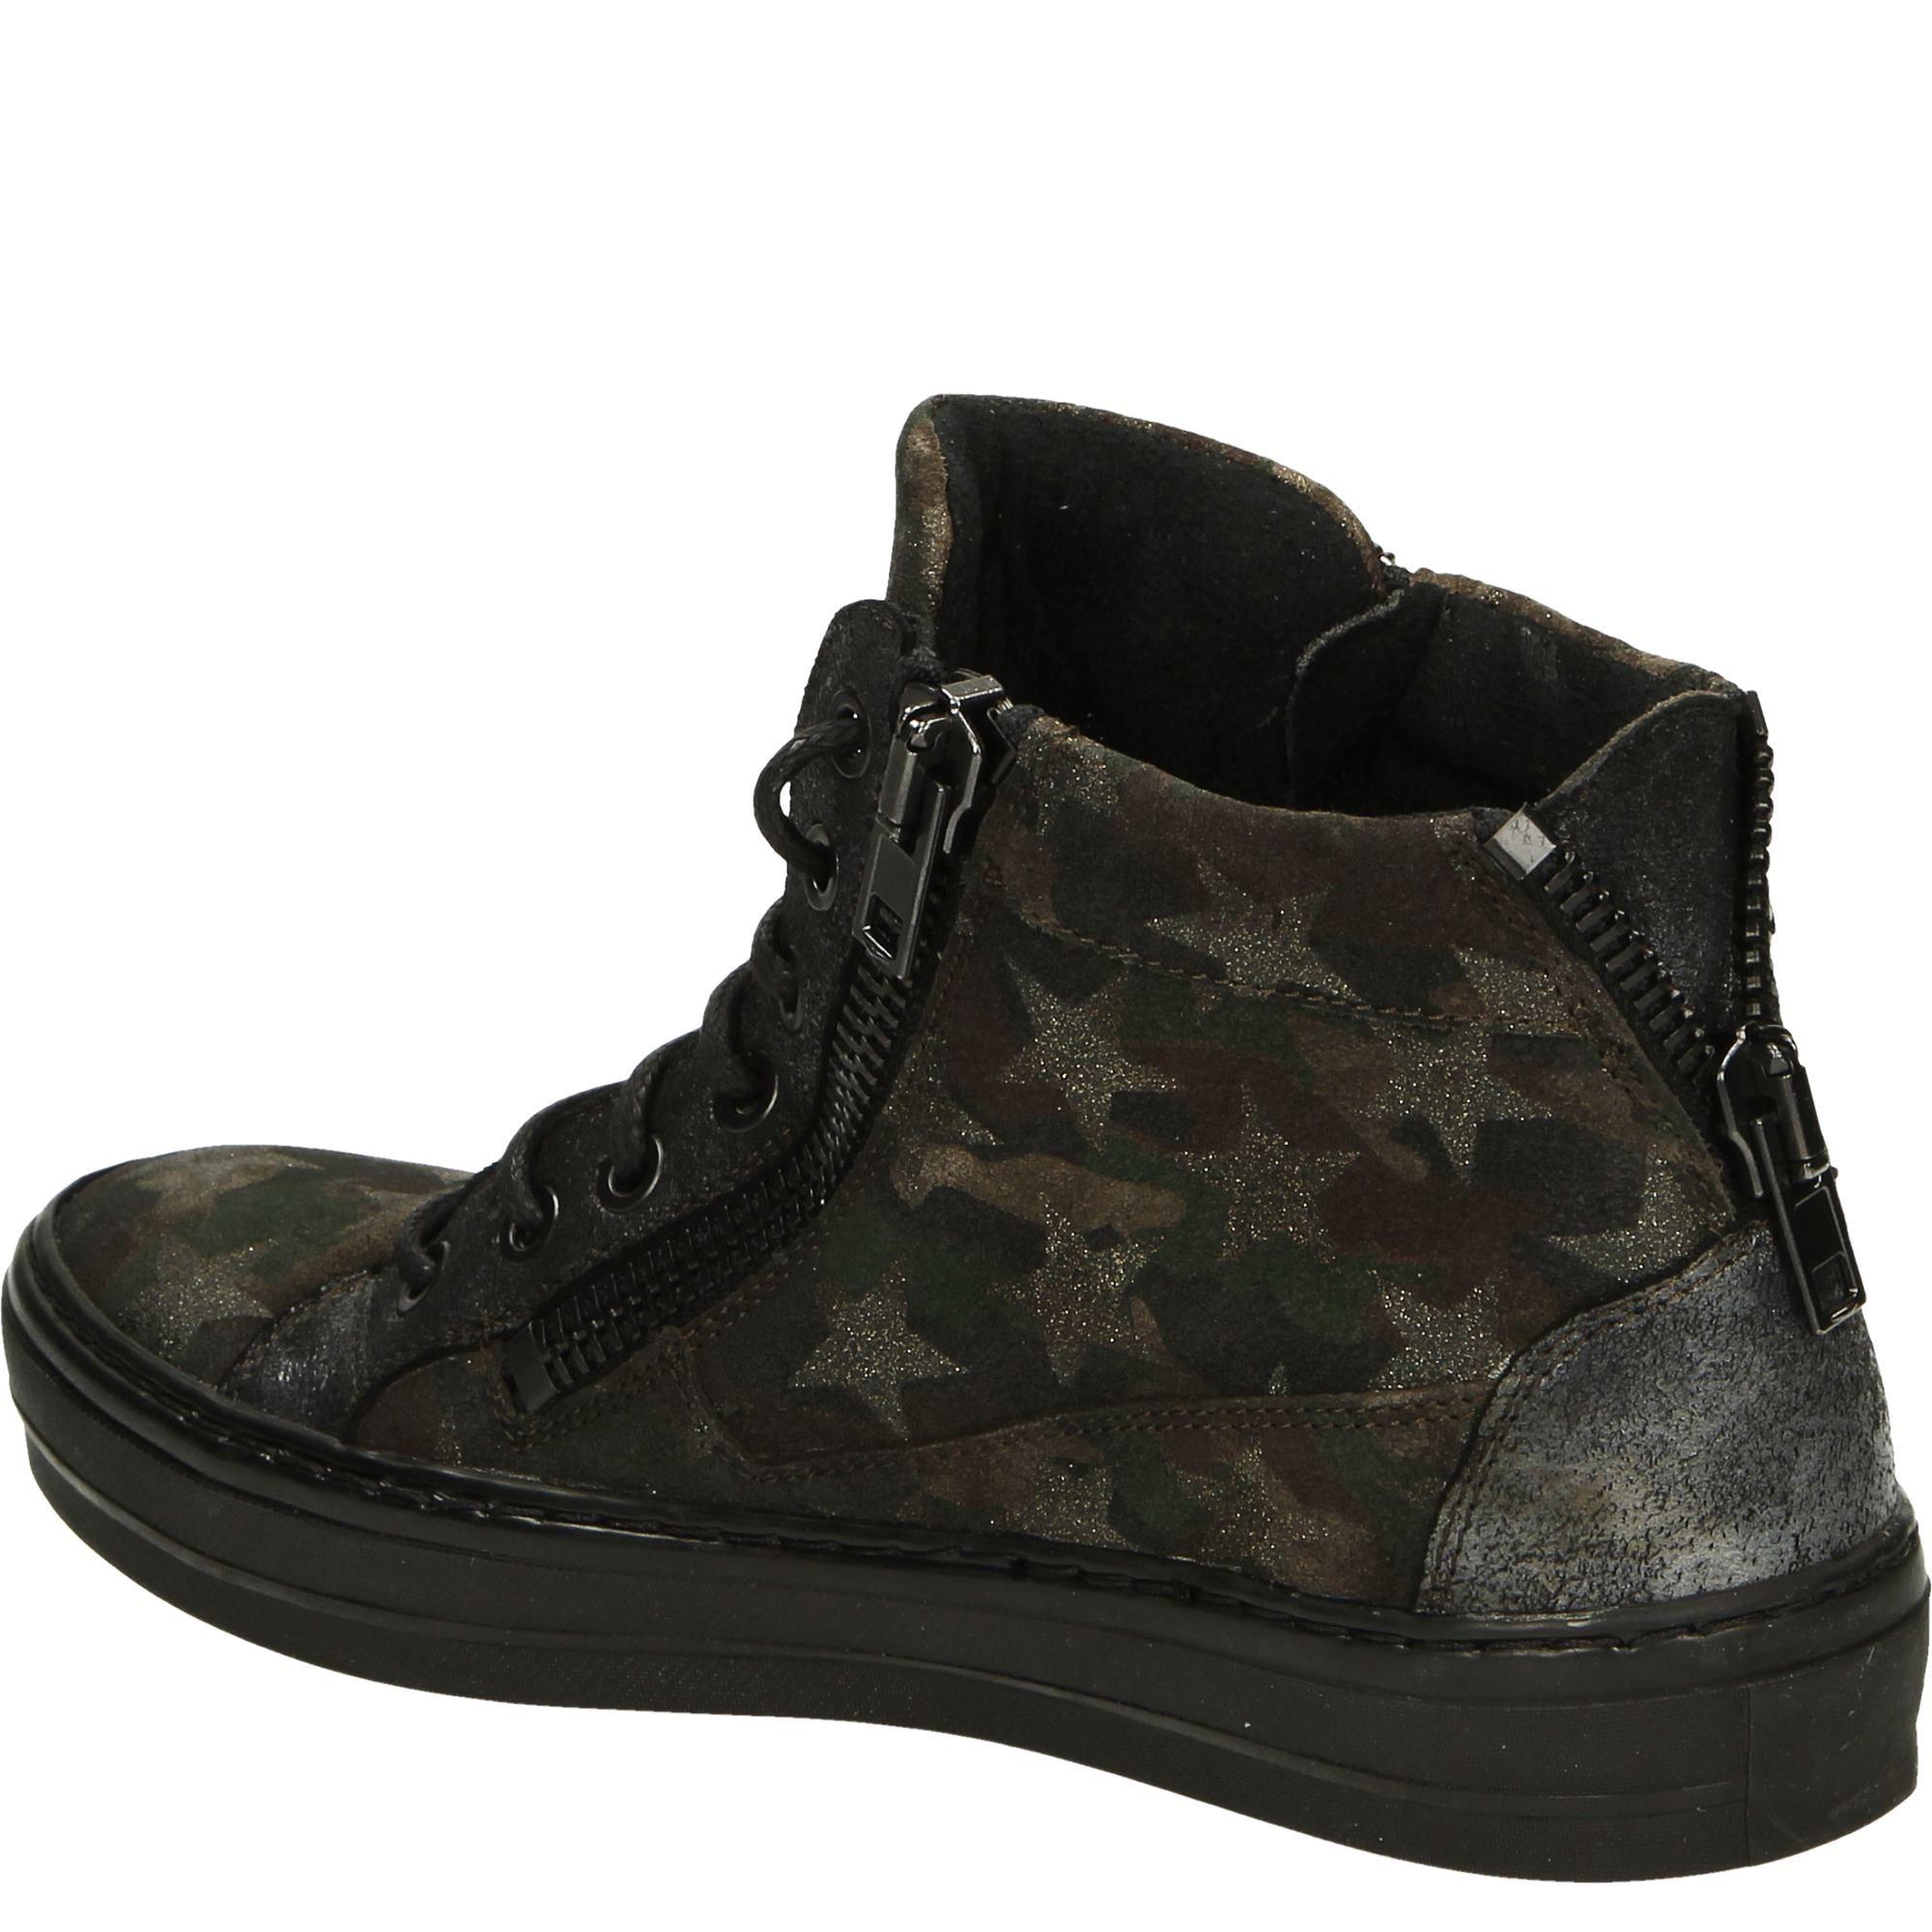 Botki Skorzane Venezia Pl Skora Zamszowa Wielobarwna Moro 1 Shoes Sneakers Louis Vuitton